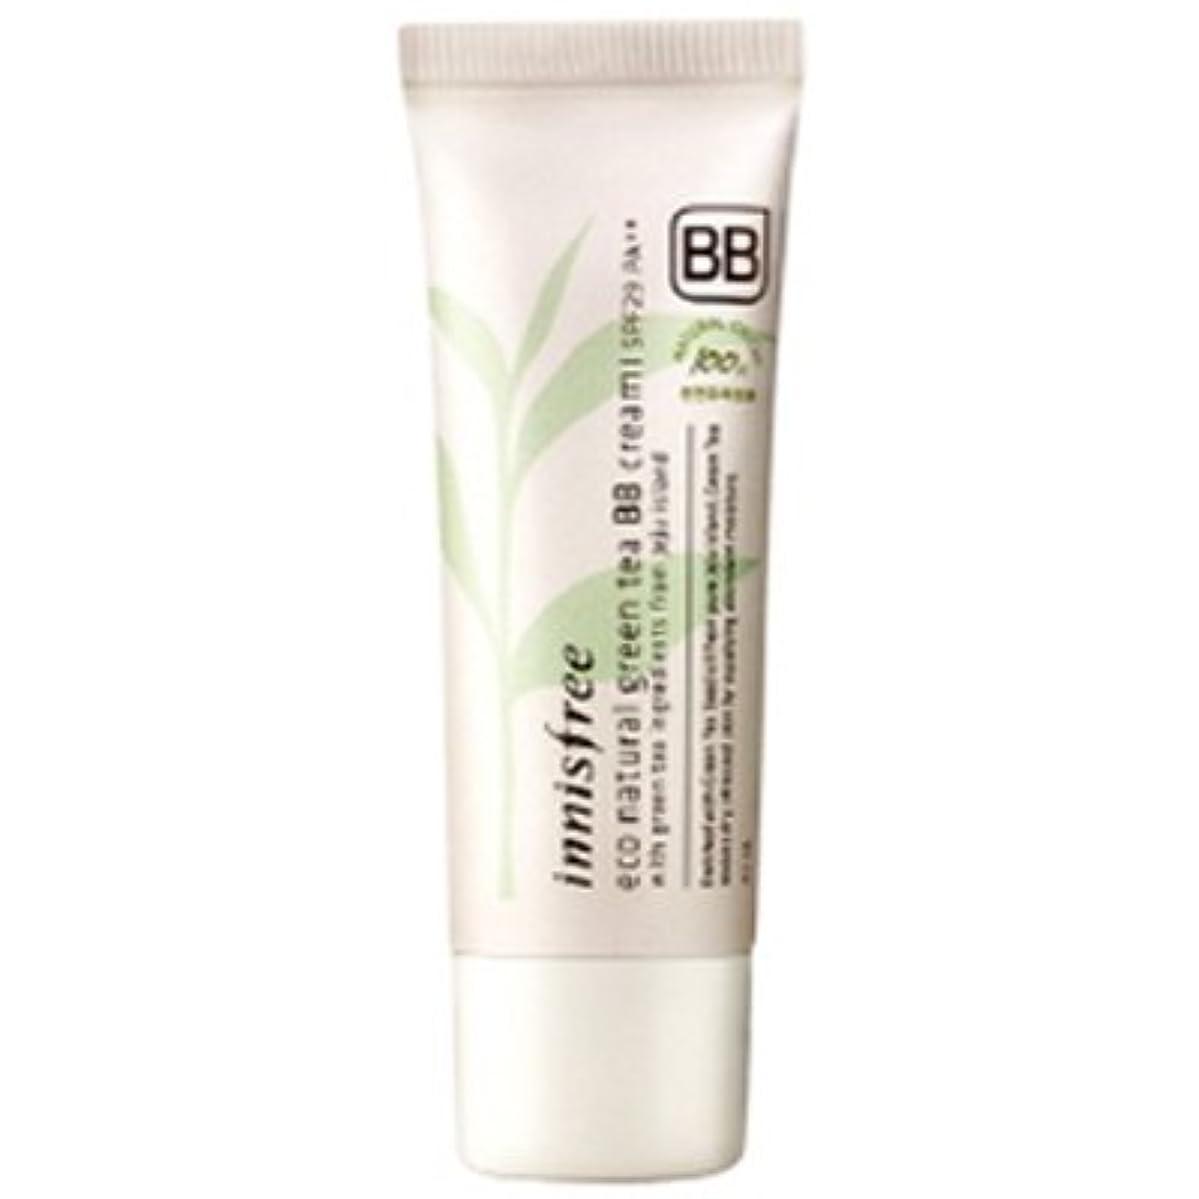 異邦人シソーラス民主主義innisfree(イニスフリー) Eco natural green tea BB cream エコ ナチュラル グリーン ティー BB クリーム SPF29/PA++ 40ml #1:ライトベージュ